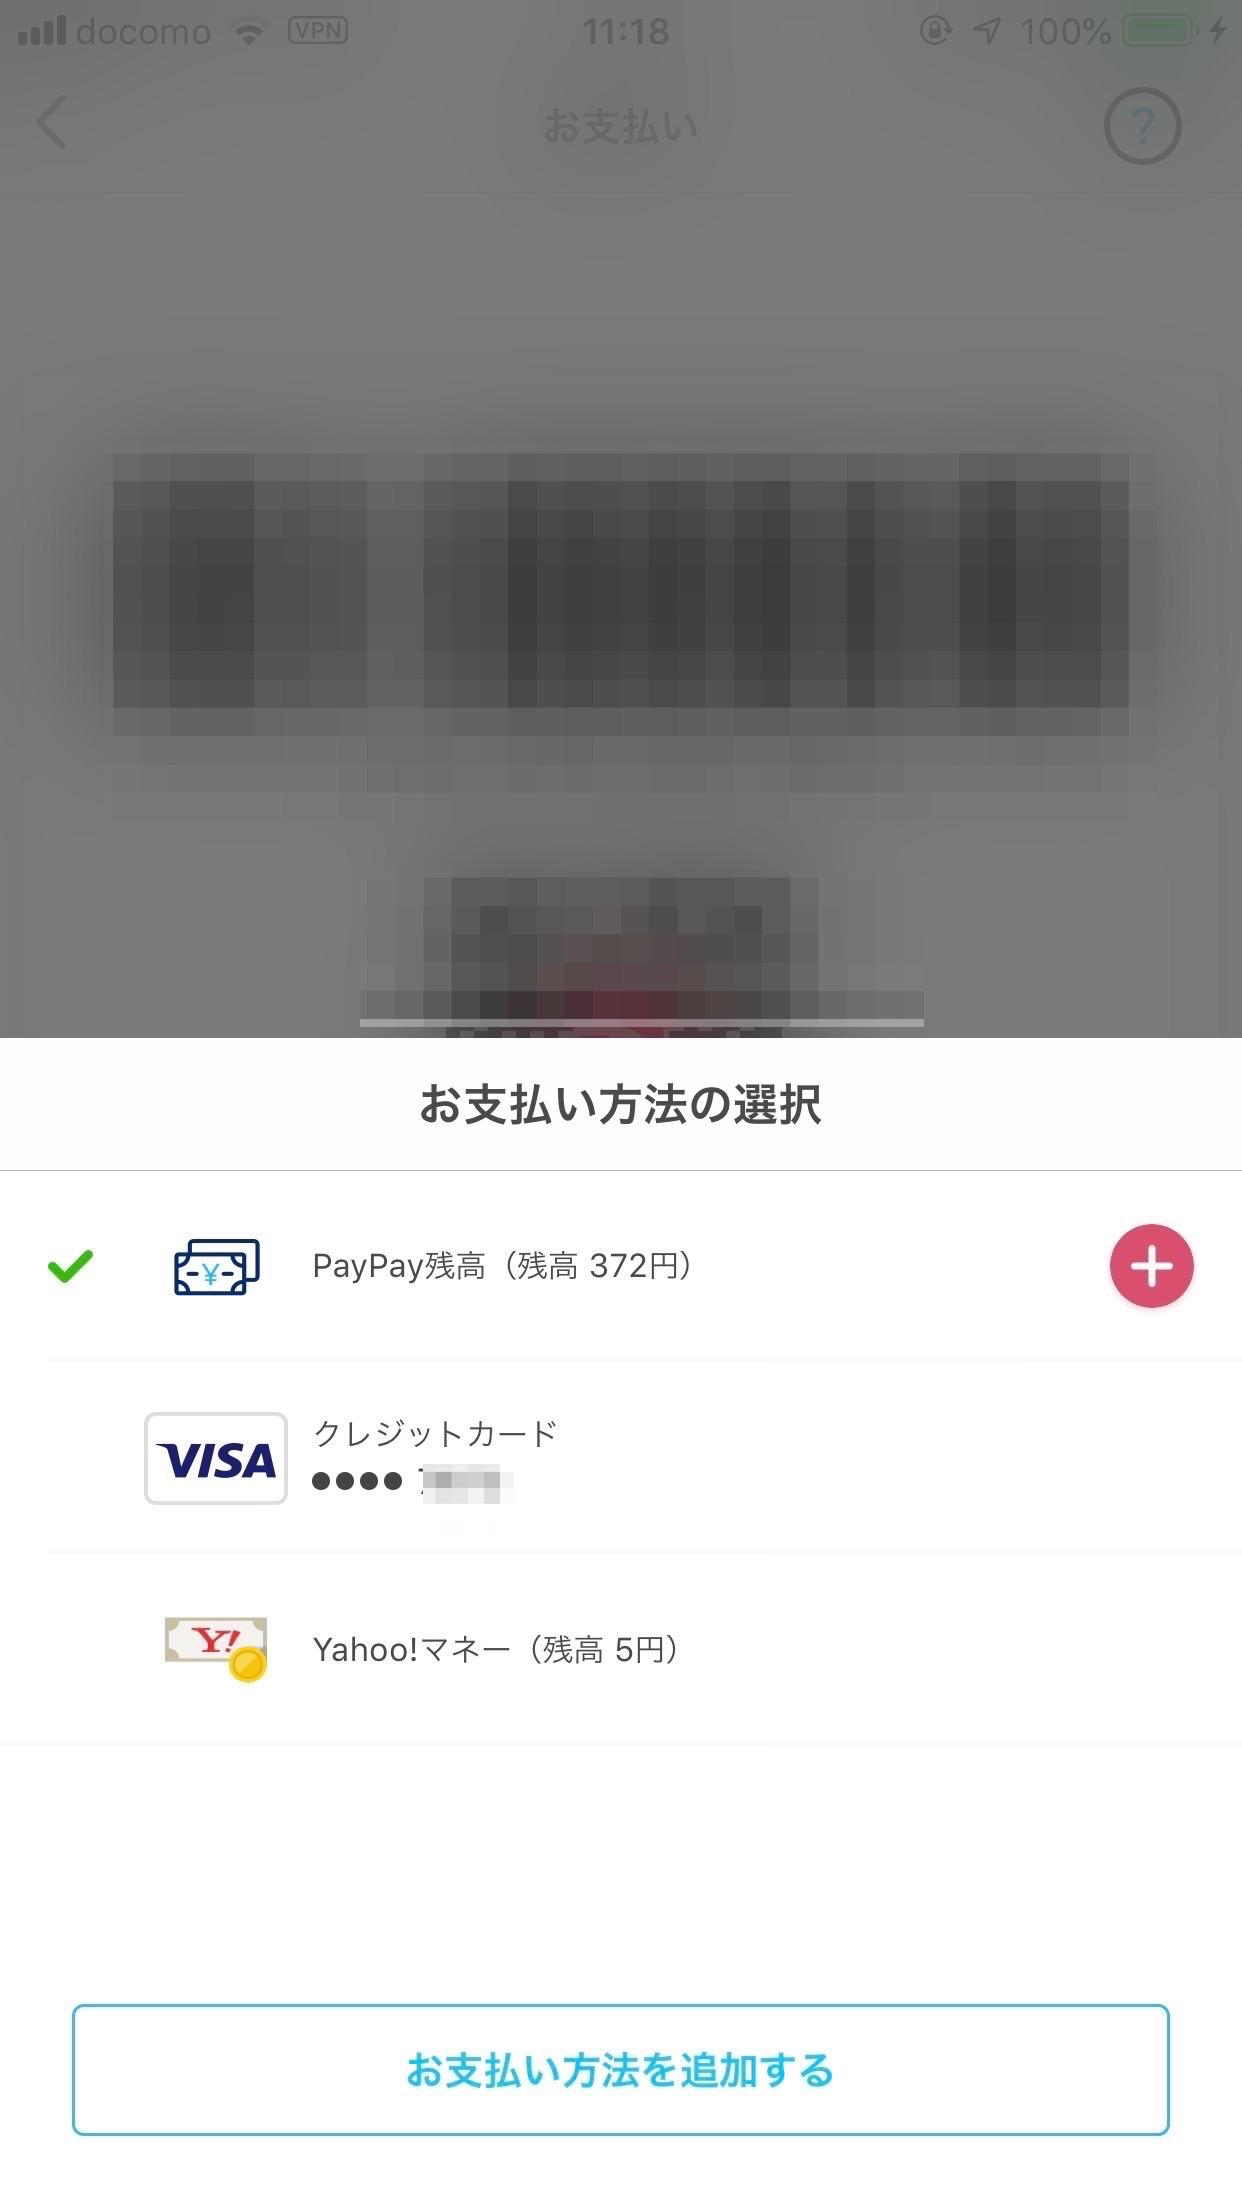 【PayPay】アプリアップデートでクレジットカードを非表示に